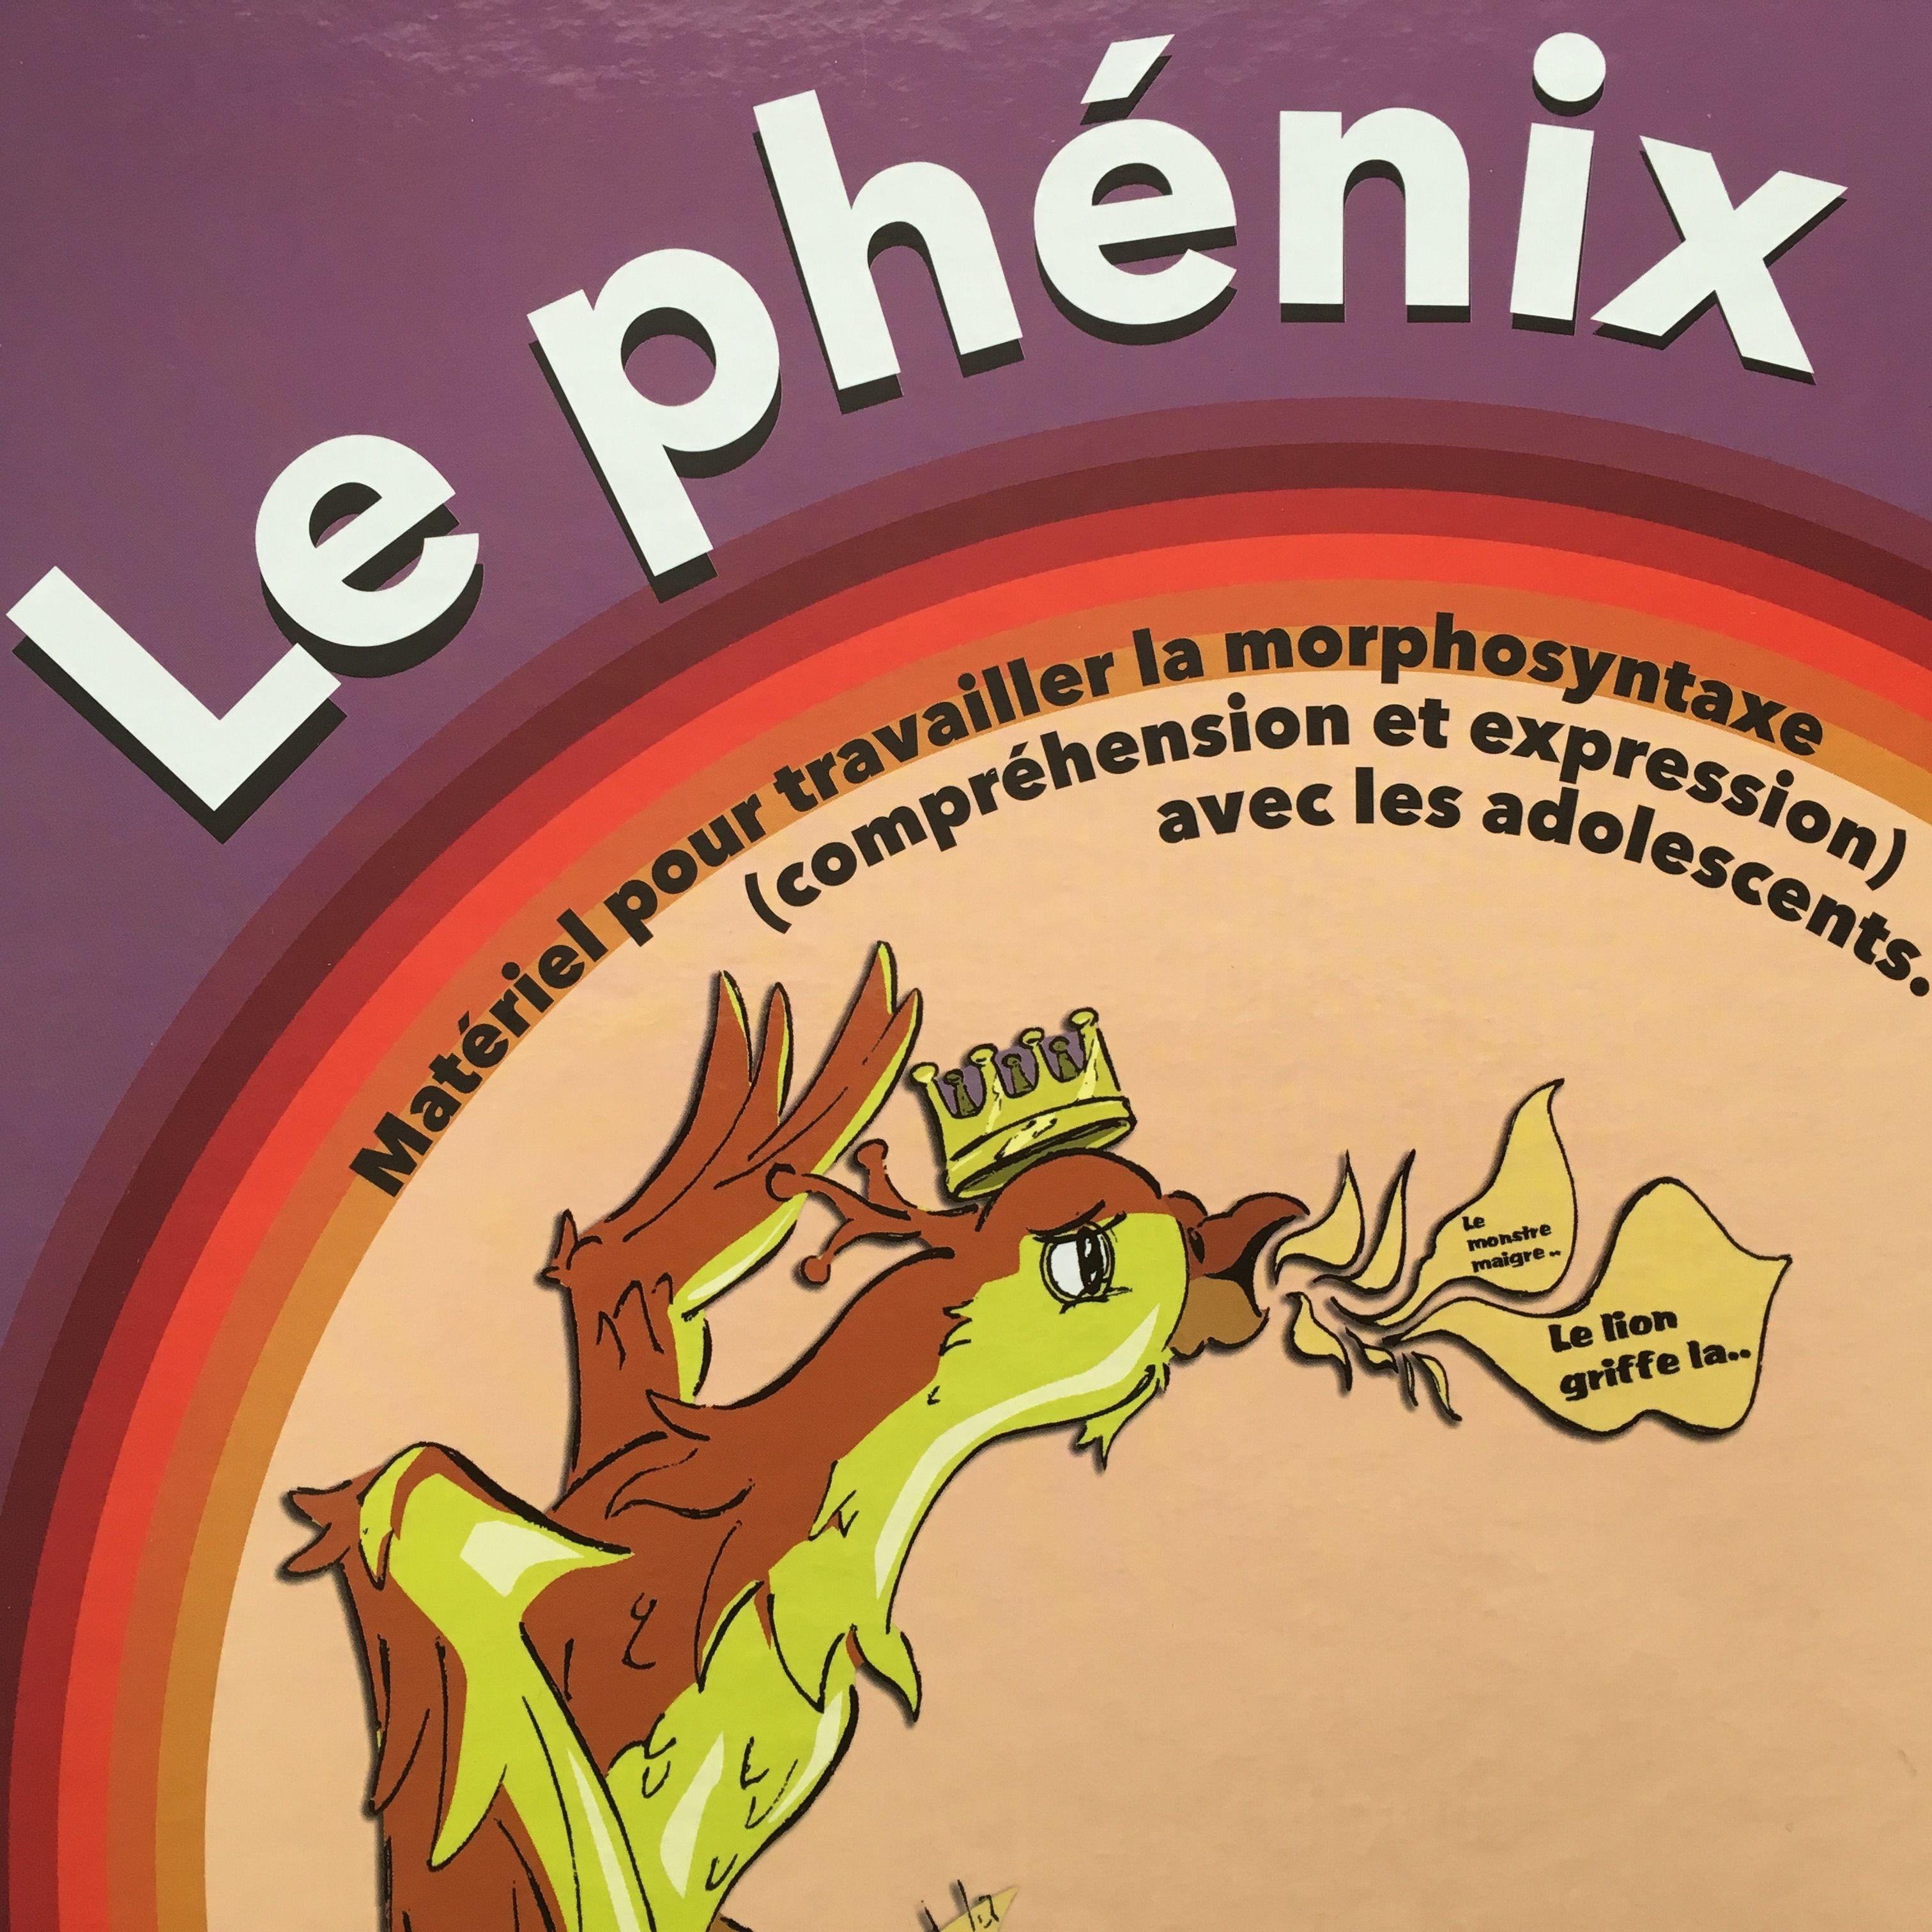 Le phénix - Orthophonie, rééducation, LO langage écrit, compréhension, expression, lecture, retard de langage, dyslexie, dysorthographie, surdité